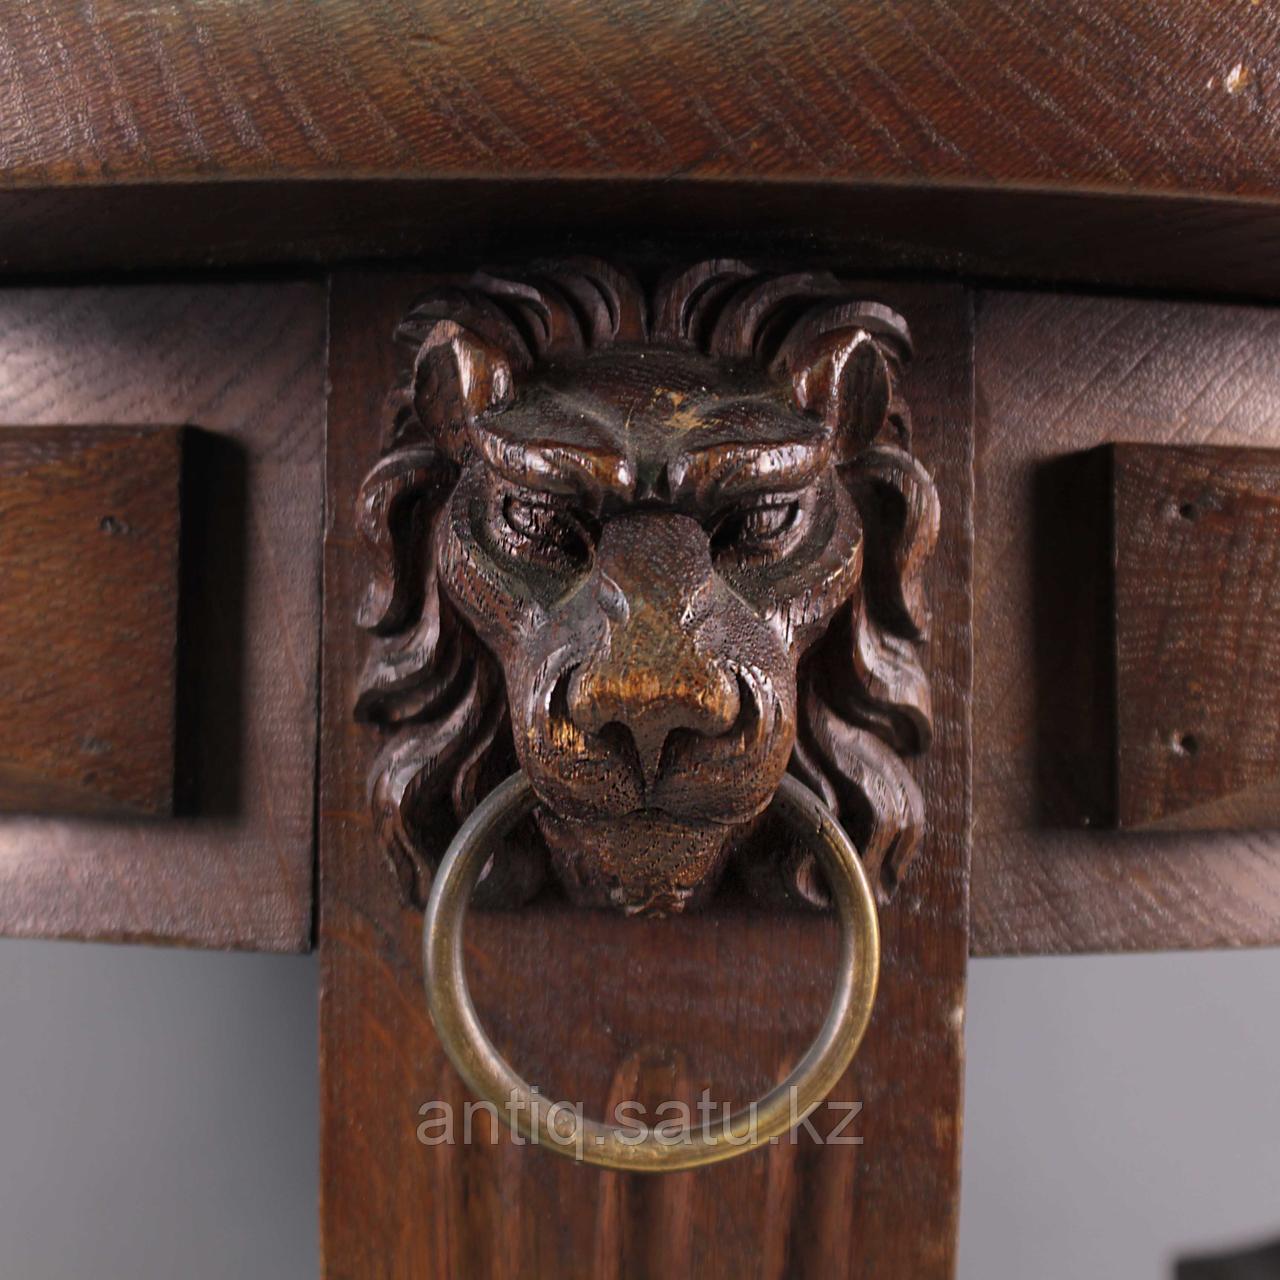 Журнальный столик со львами. Франция. Конец XIX - начало XX века - фото 9